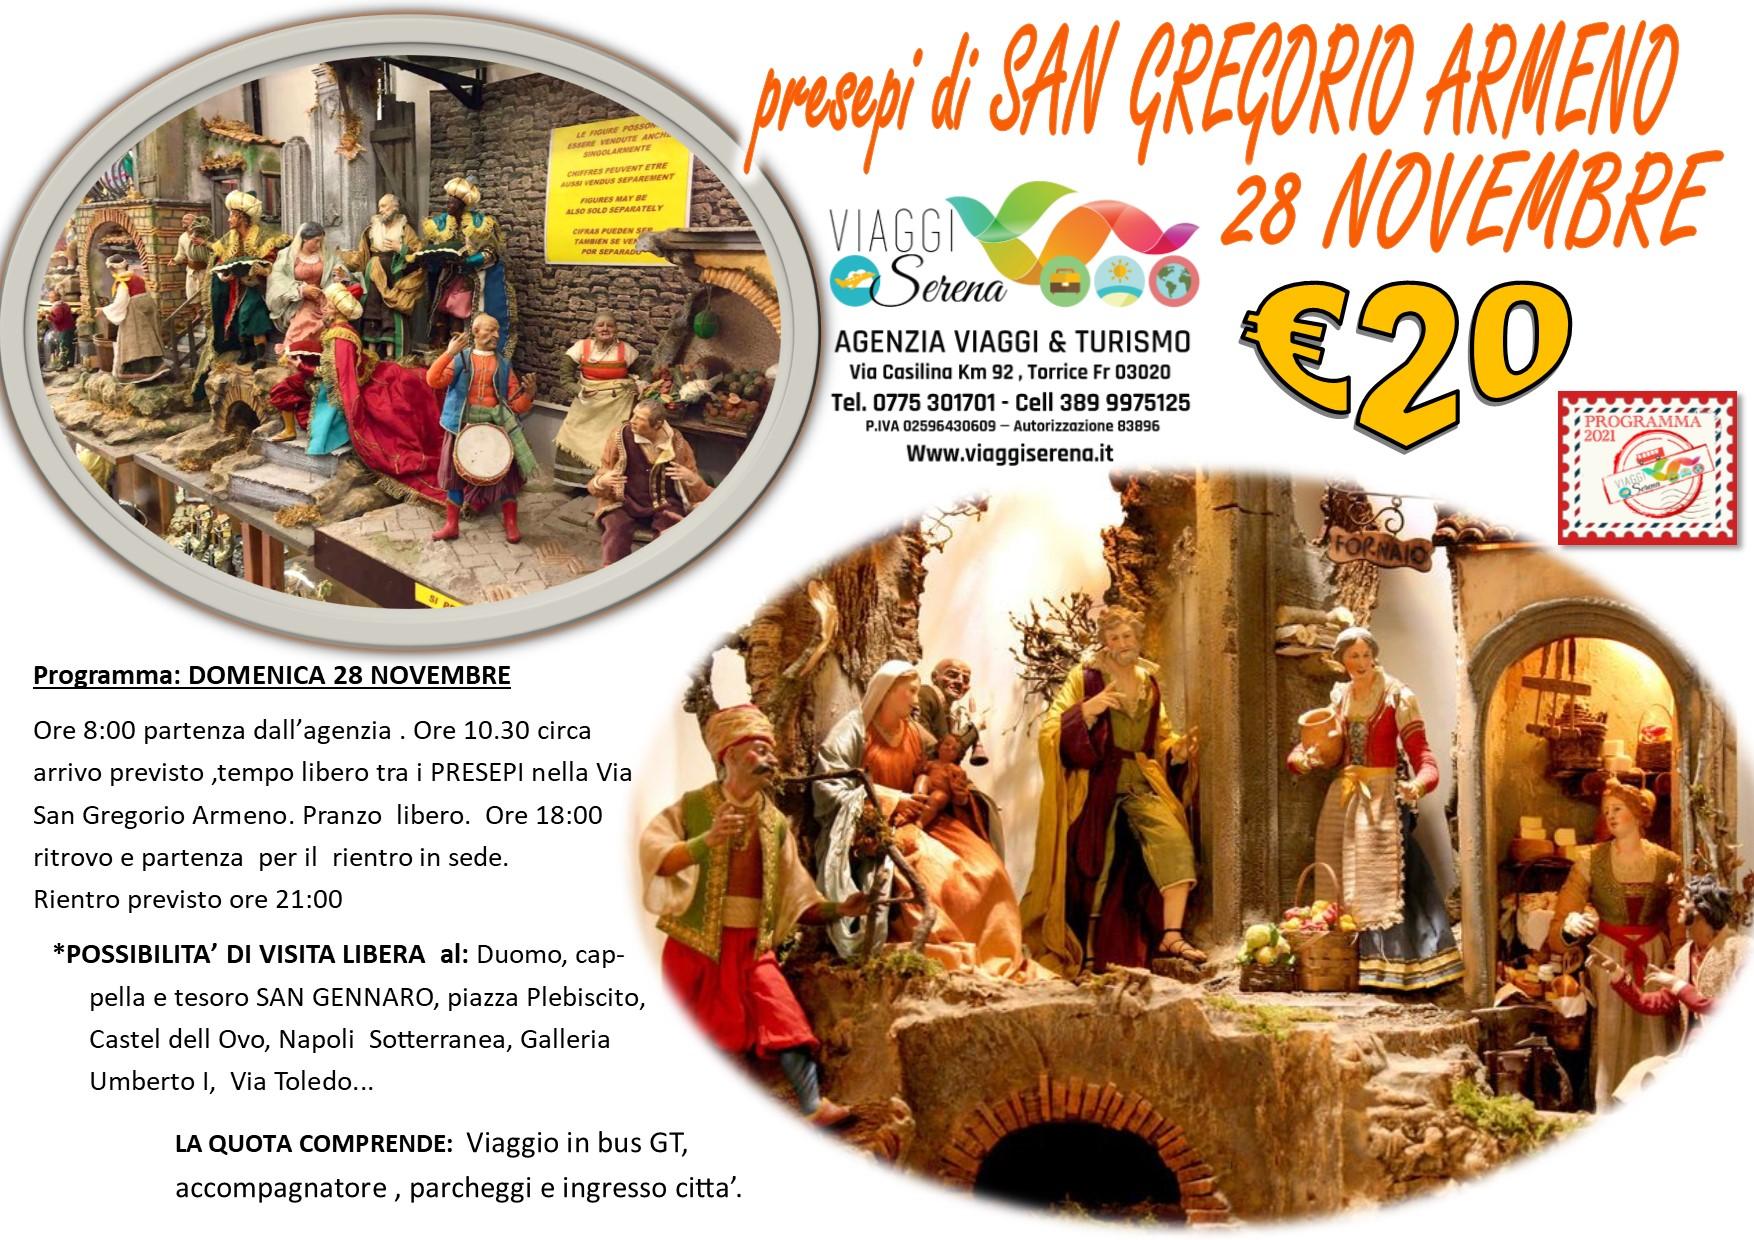 """Viaggi di Gruppo: Presepi di Napoli """"SAN GREGORIO ARMENO"""" 28 Novembre € 20,00"""